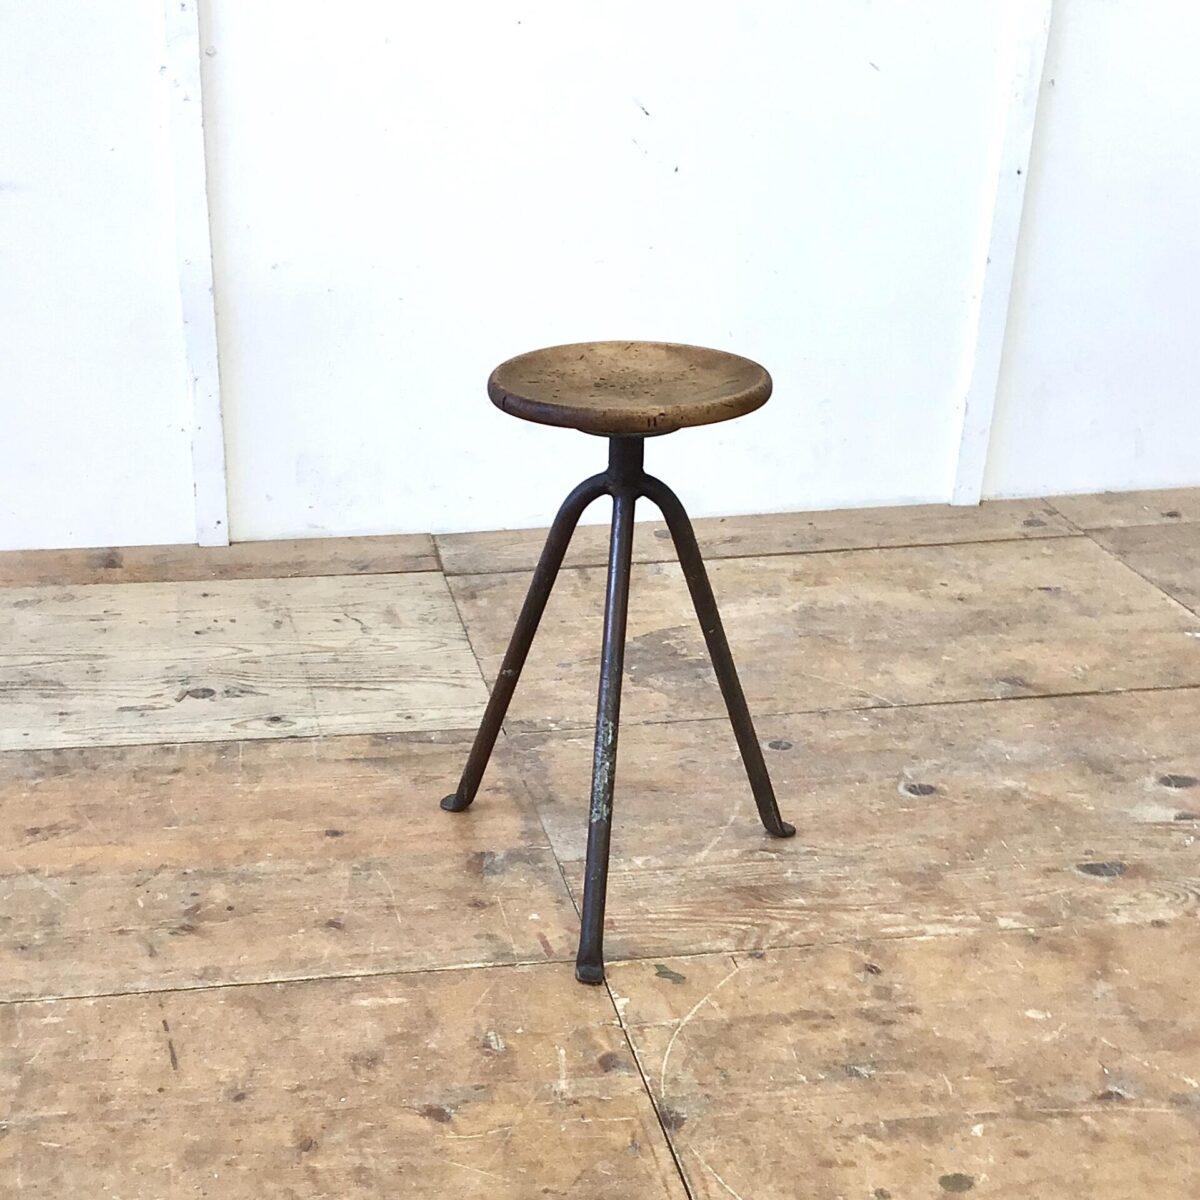 Kleiner Industrie Hocker Höhe 53cm Sitzfläche 26.5cm. Vollholz Sitz gedrechselt, Metallbeine gebogen und Werkstatt mässig verschweisst. Die kleinen ab gekröpften Standfüssen runden das ganze ab.